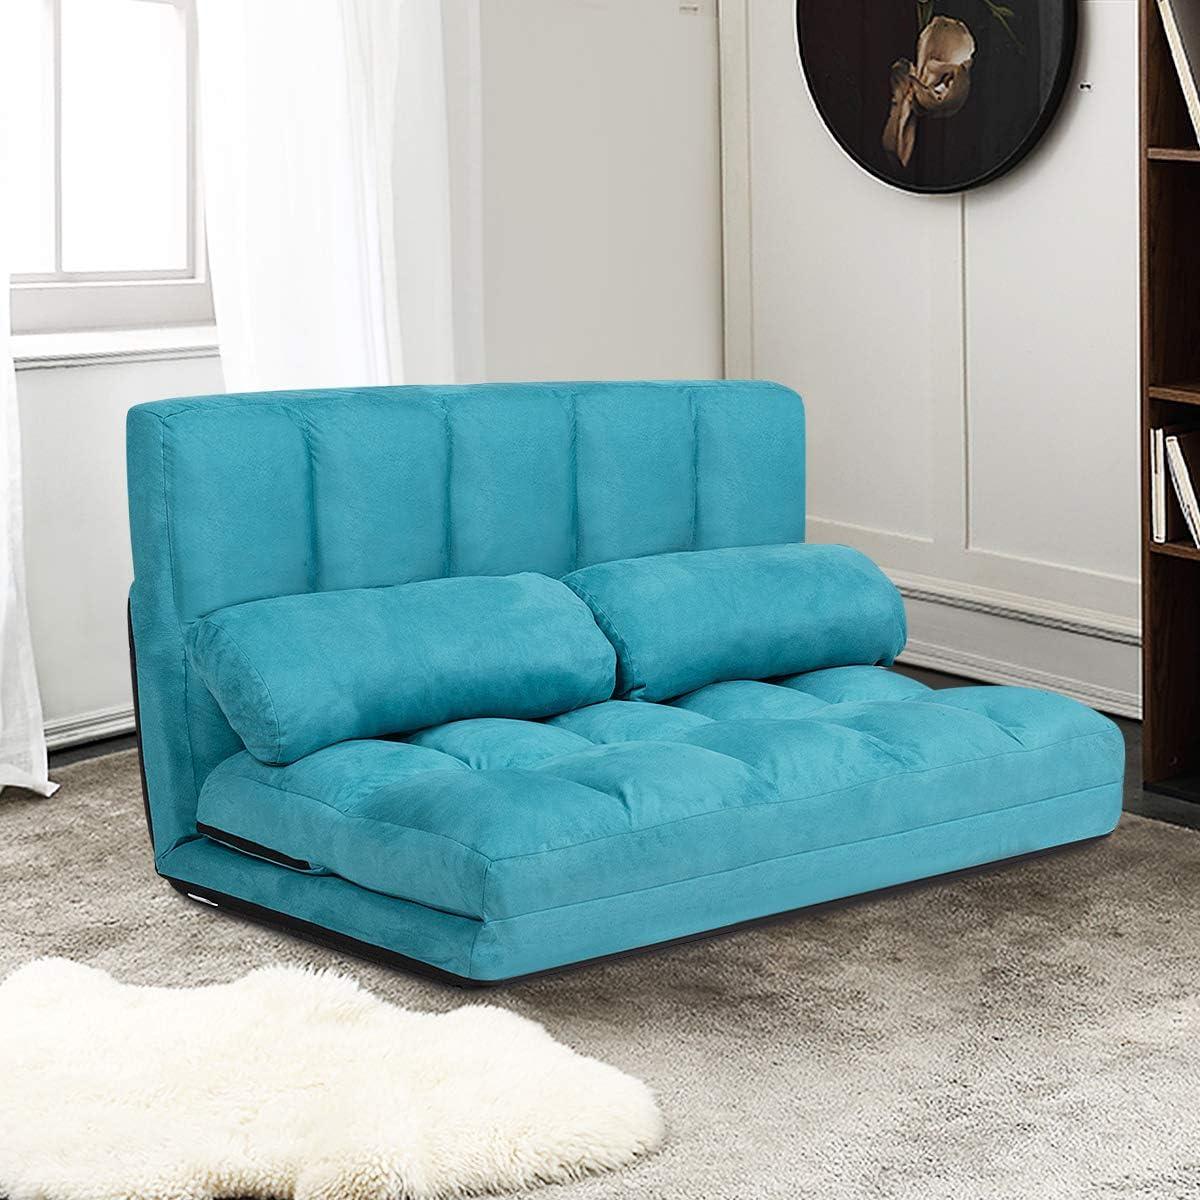 Artiron Fabric Upholstered Folding Lazy Sofa Chair Adjustable Floor Sofa Chair Adjustable Floor Sofa and Couch,Lazy Sofa Couch, Bedroom Living Room Furniture Navy Blue